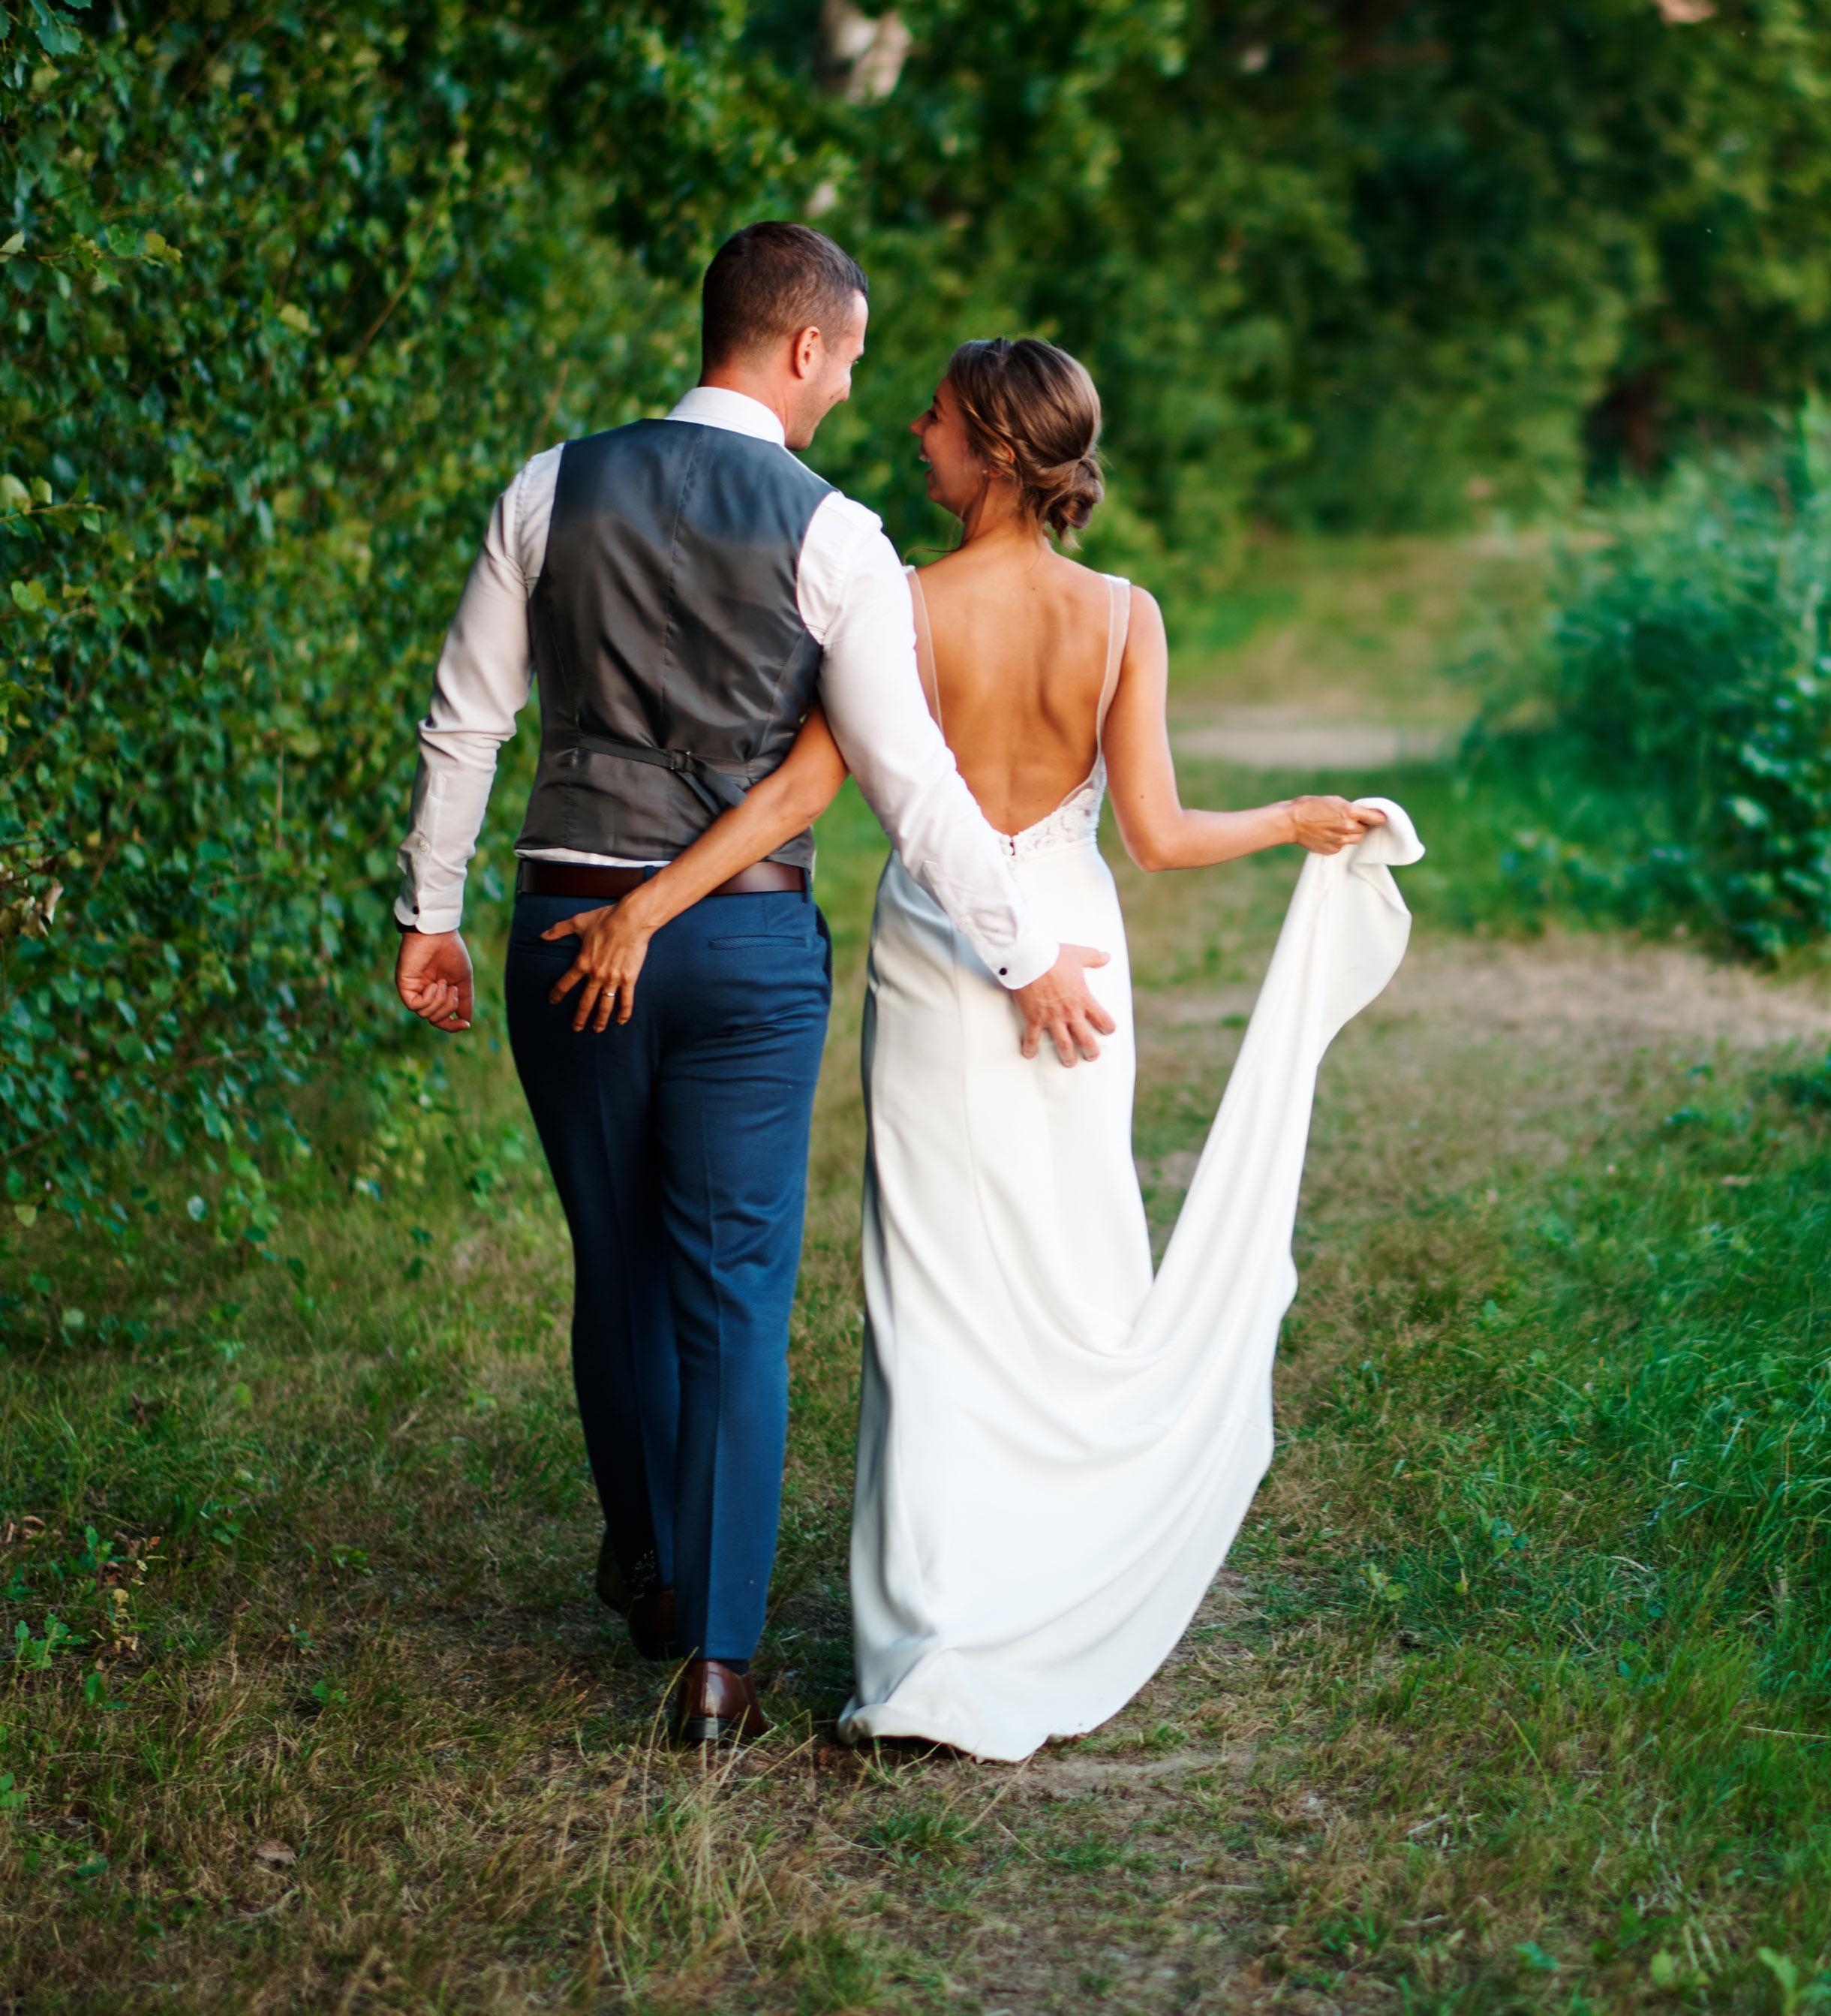 focení svatby v přírodě